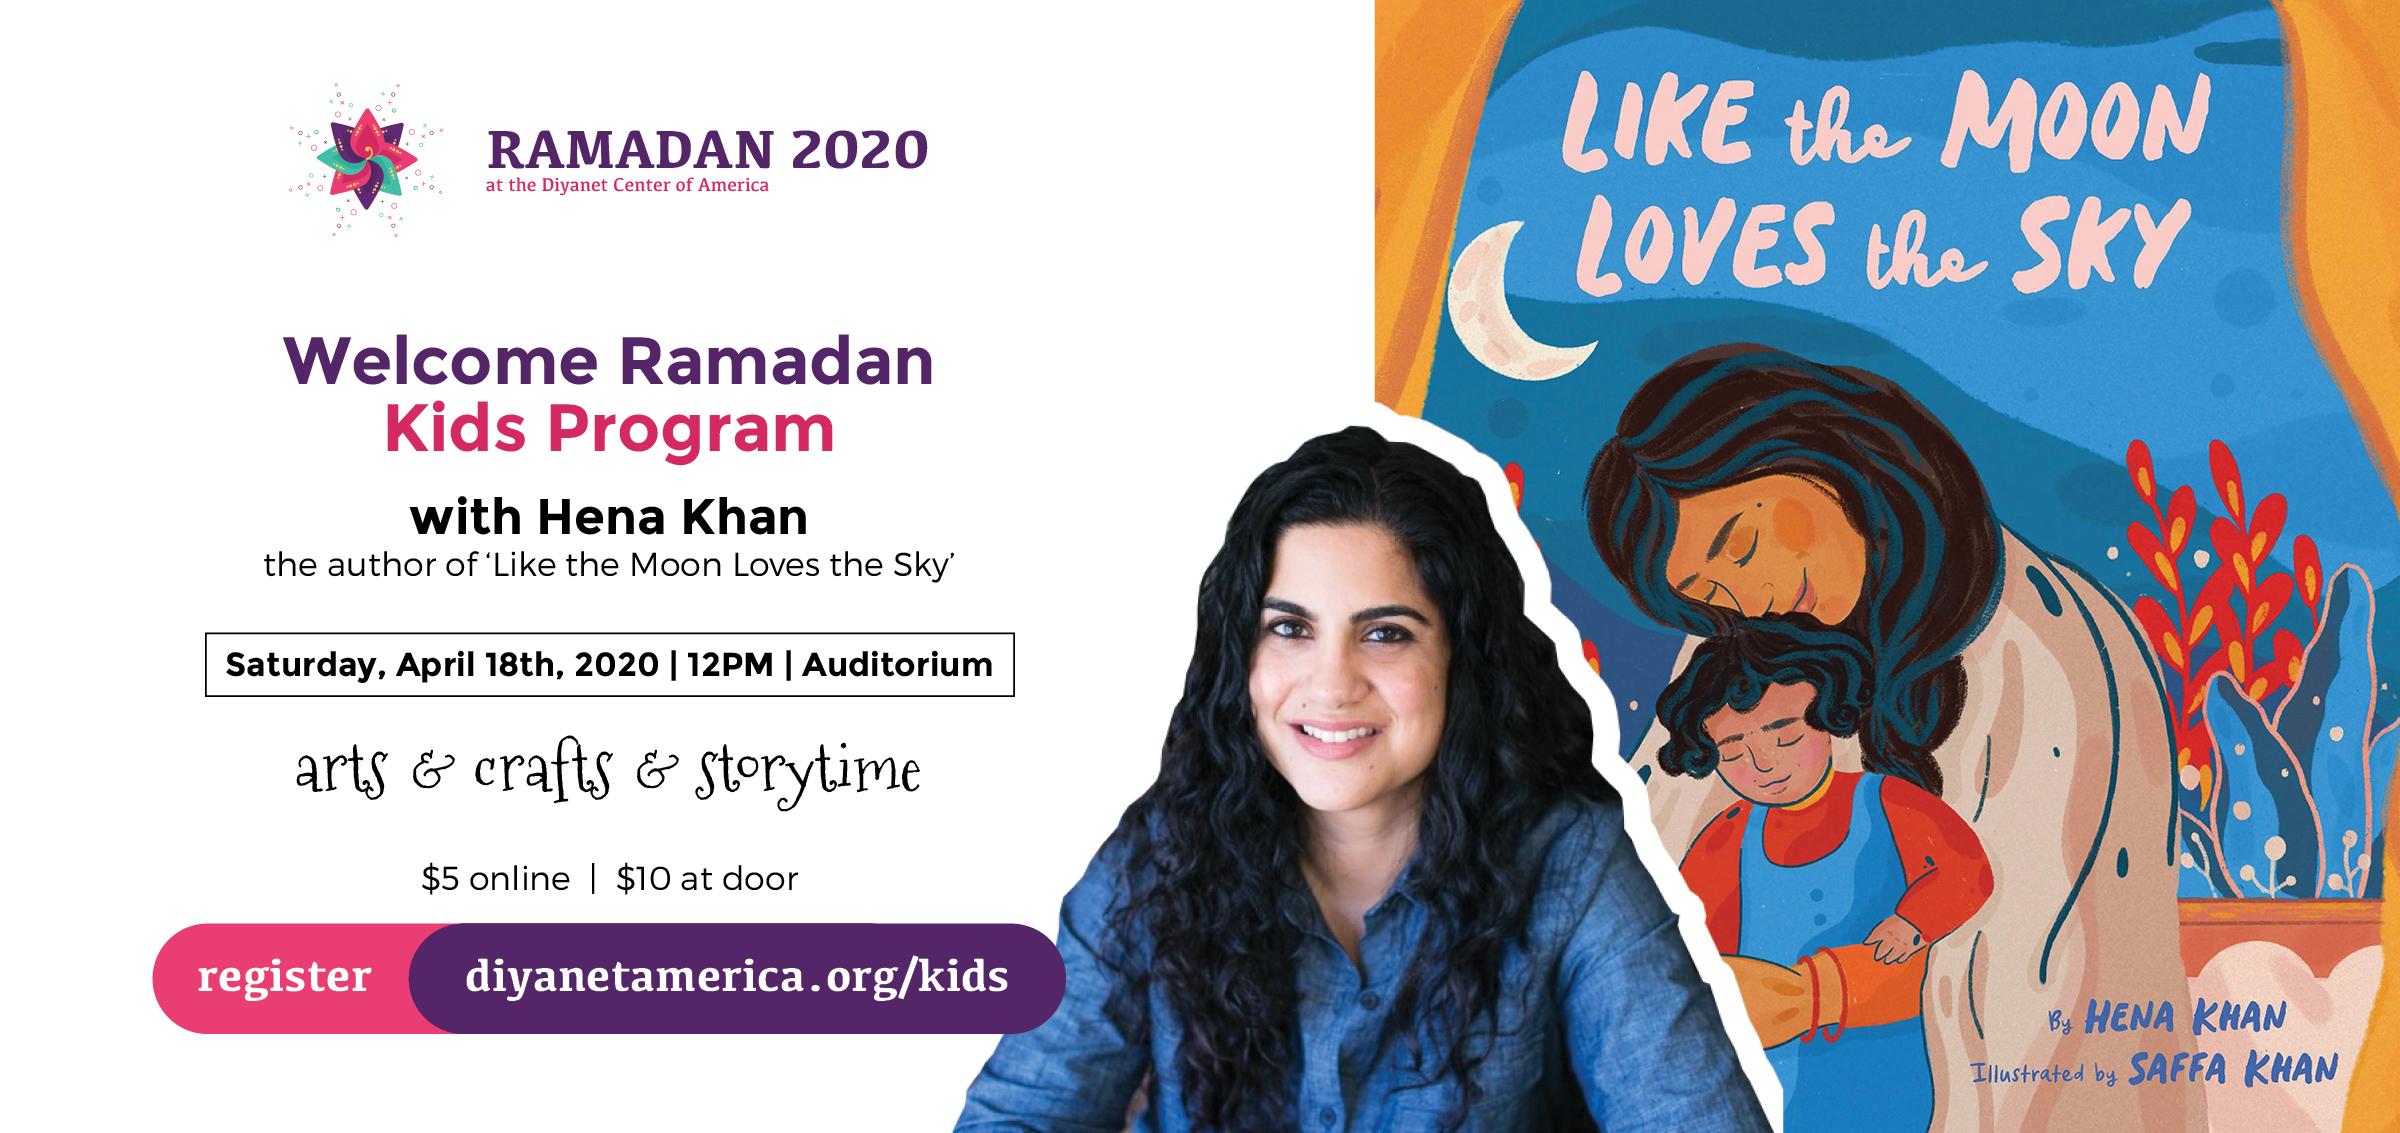 Welcome Ramadan Program - DCA Ramadan 2020